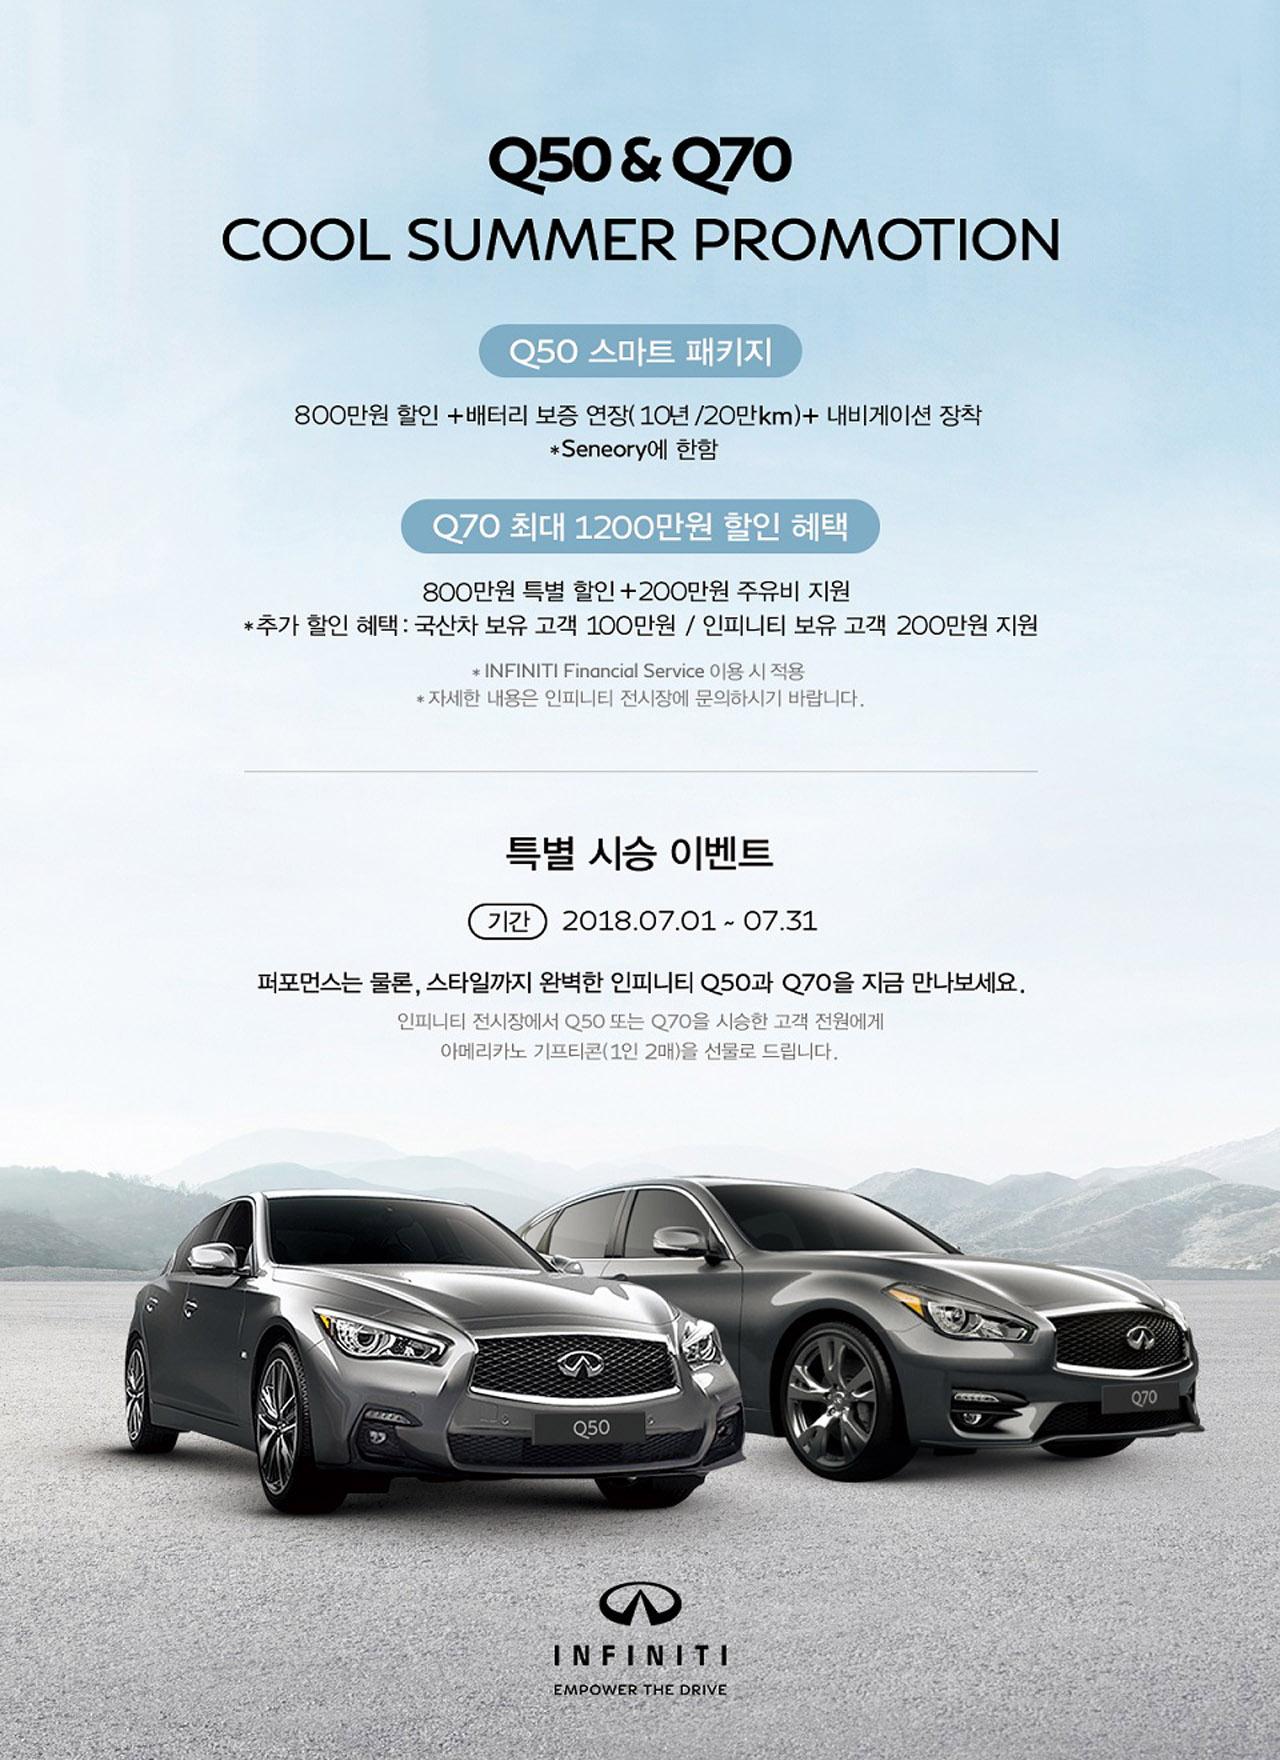 [사진자료] 인피니티, 여름맞이 서비스 캠페인 및 특별 프로모션 실시 (1)_쿨 썸머 프로모션